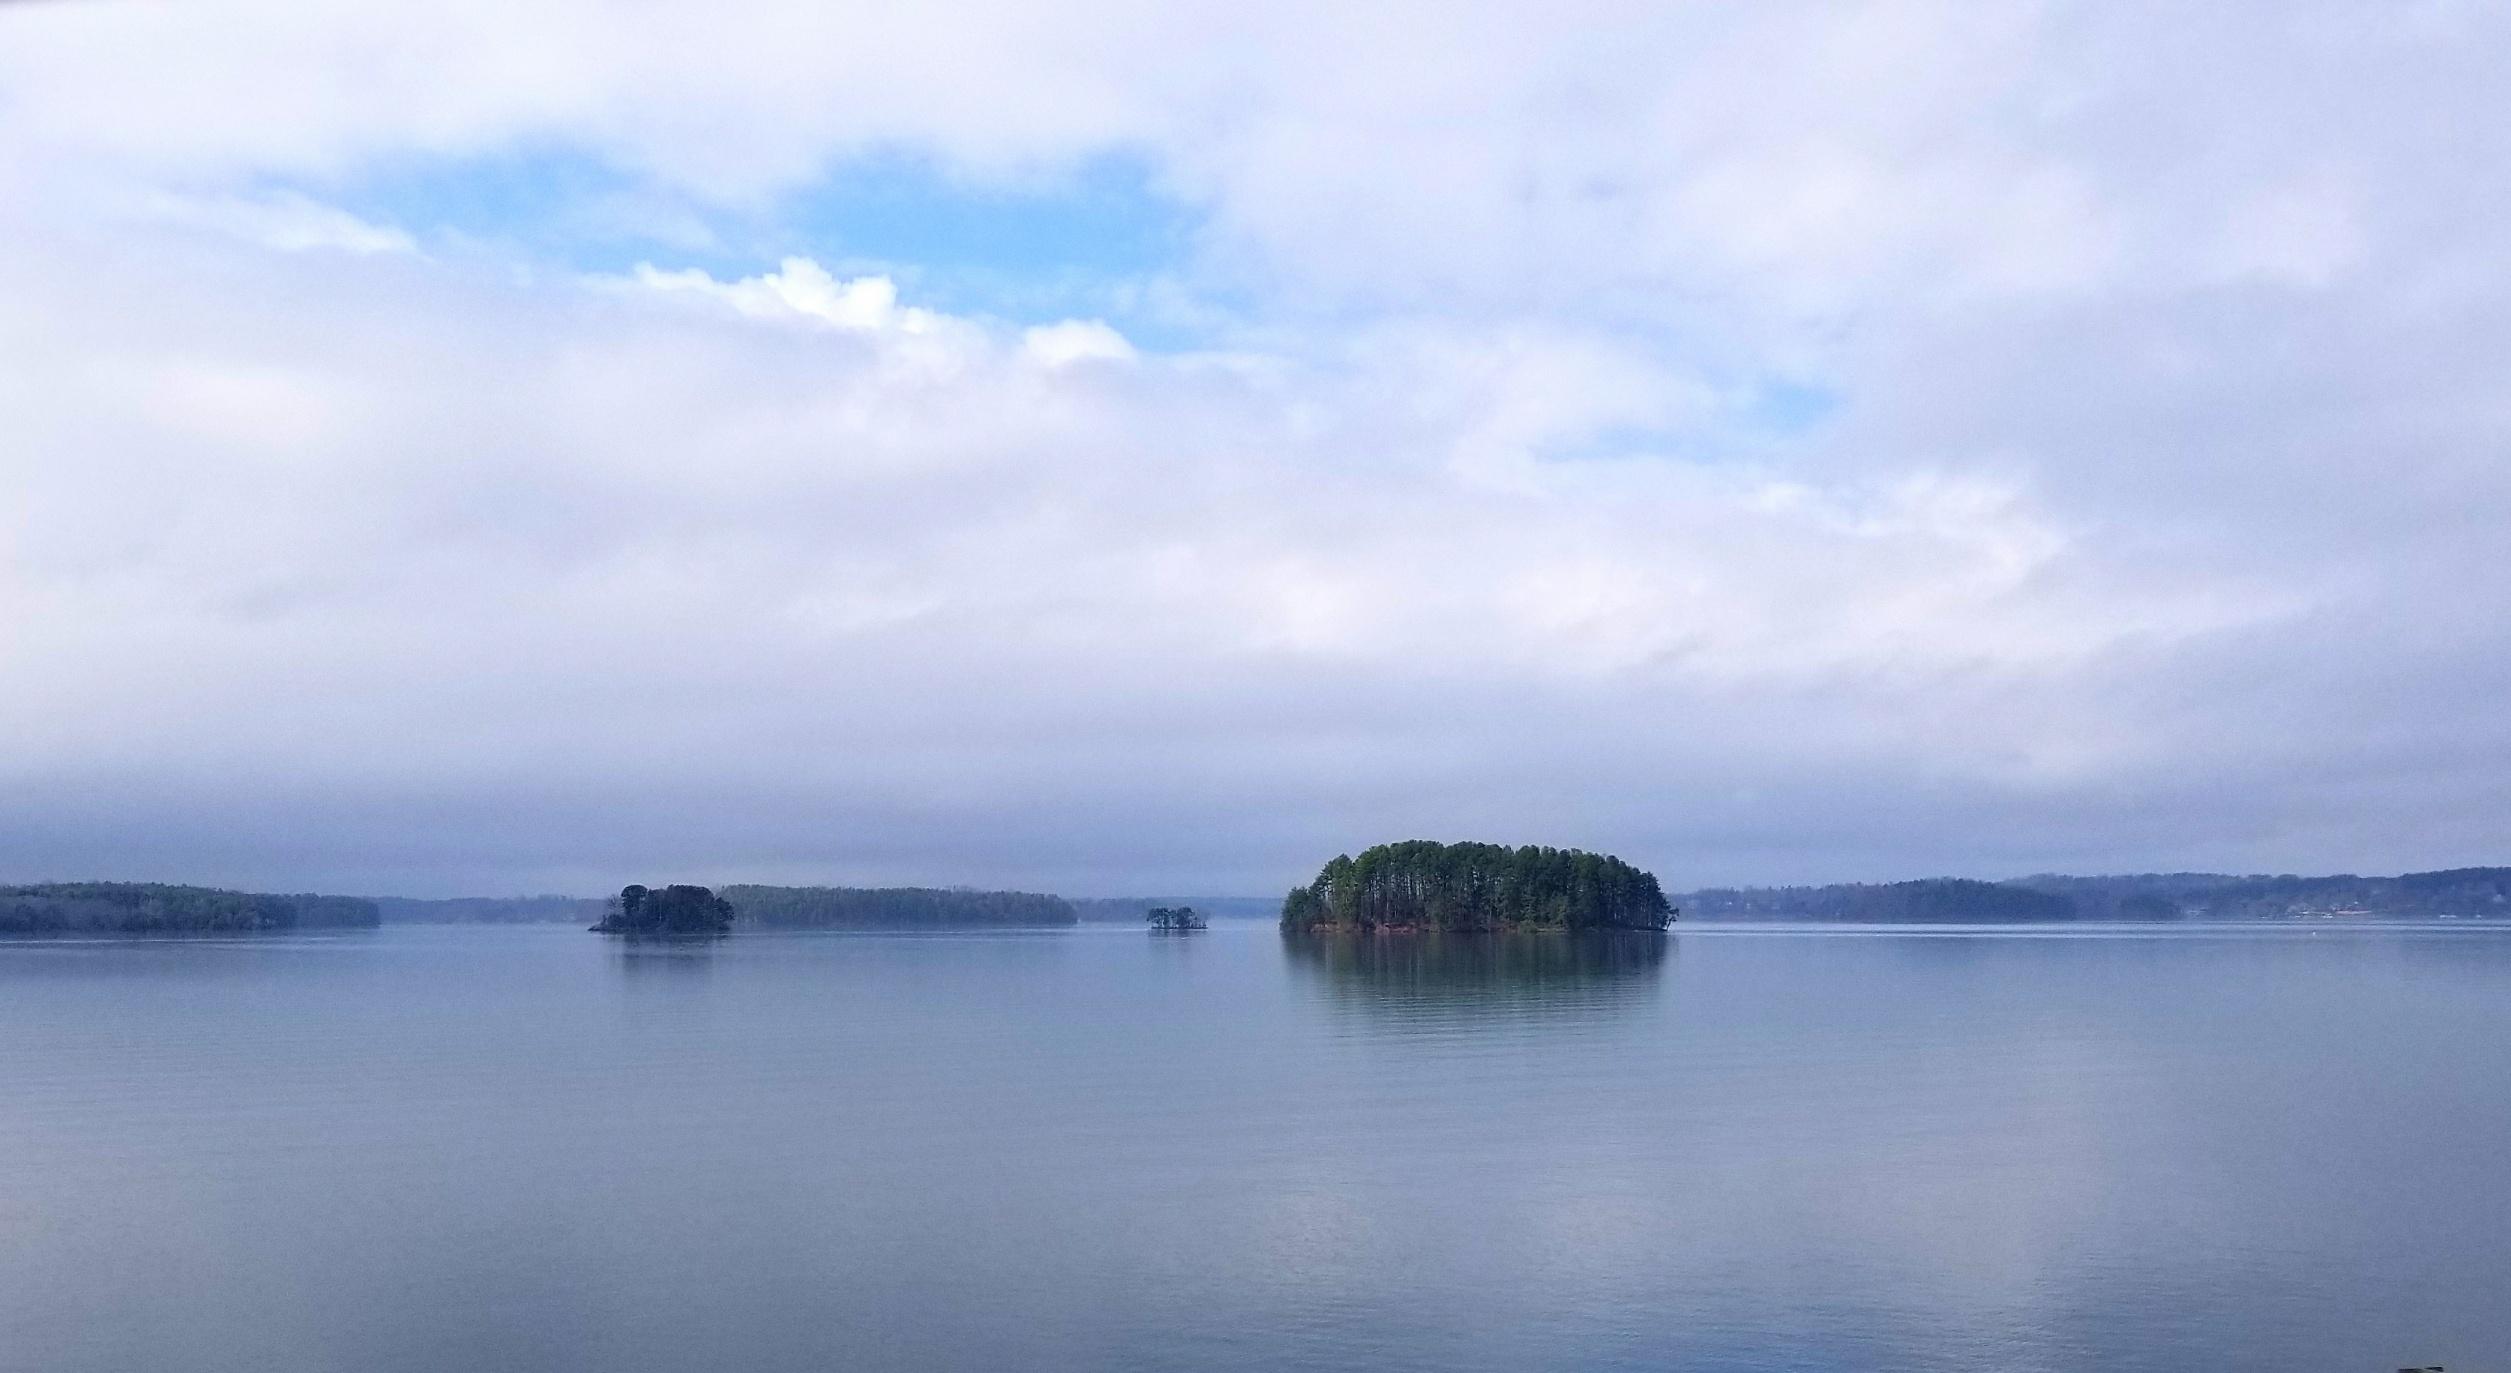 Lake Keowee Real Estate Expert Blog Where's the Sun?